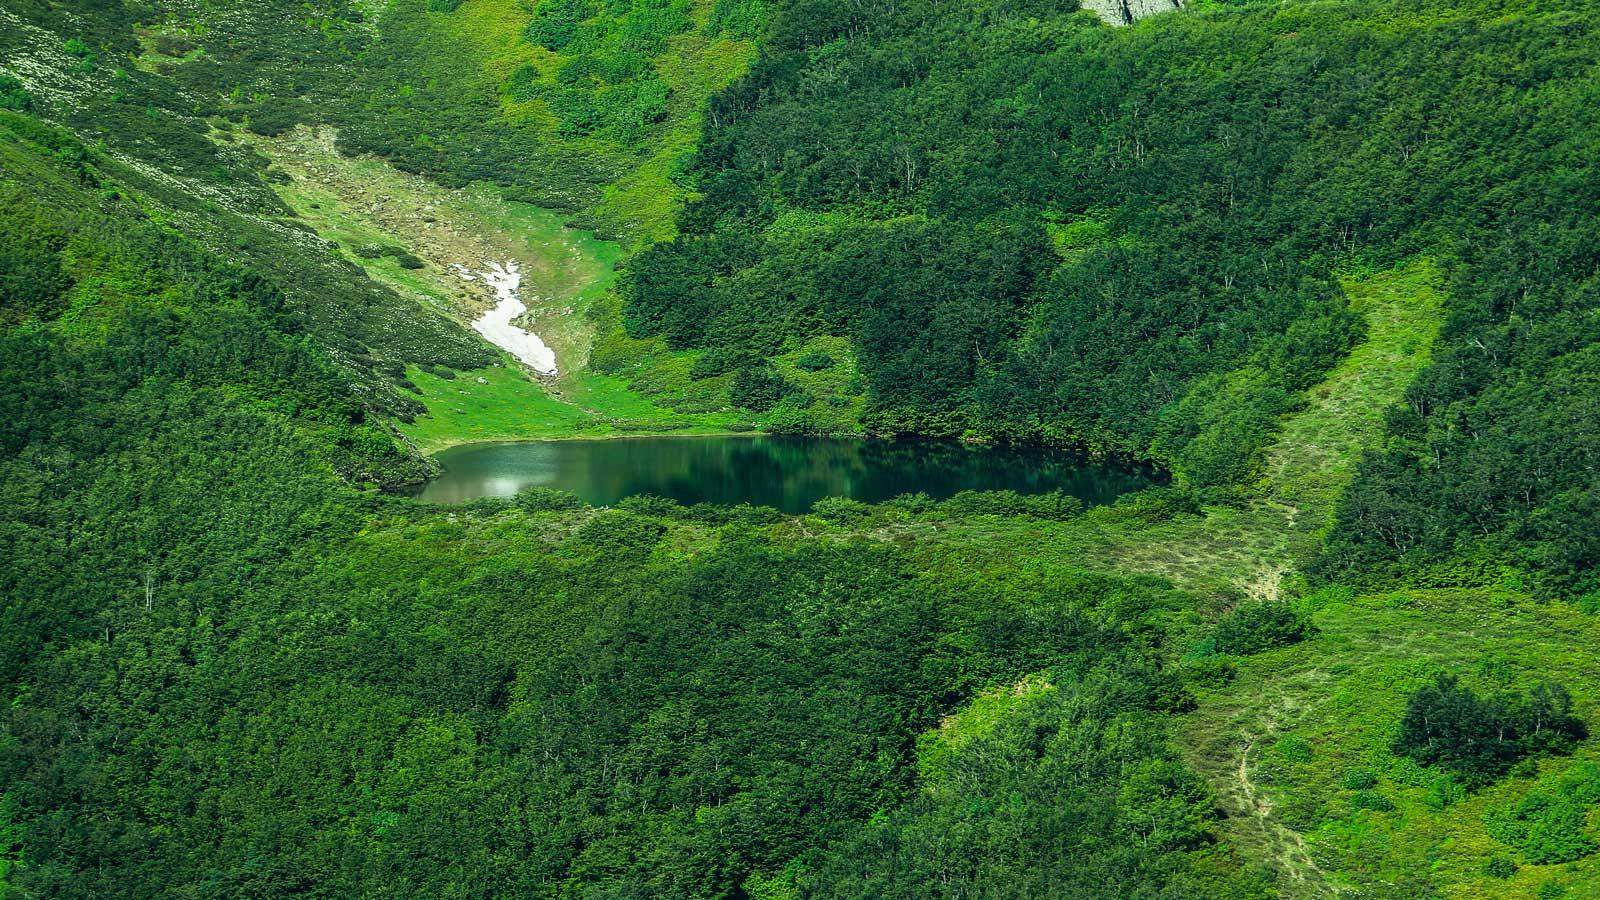 Žaliasis ežeras and Makhuntseti krioklys